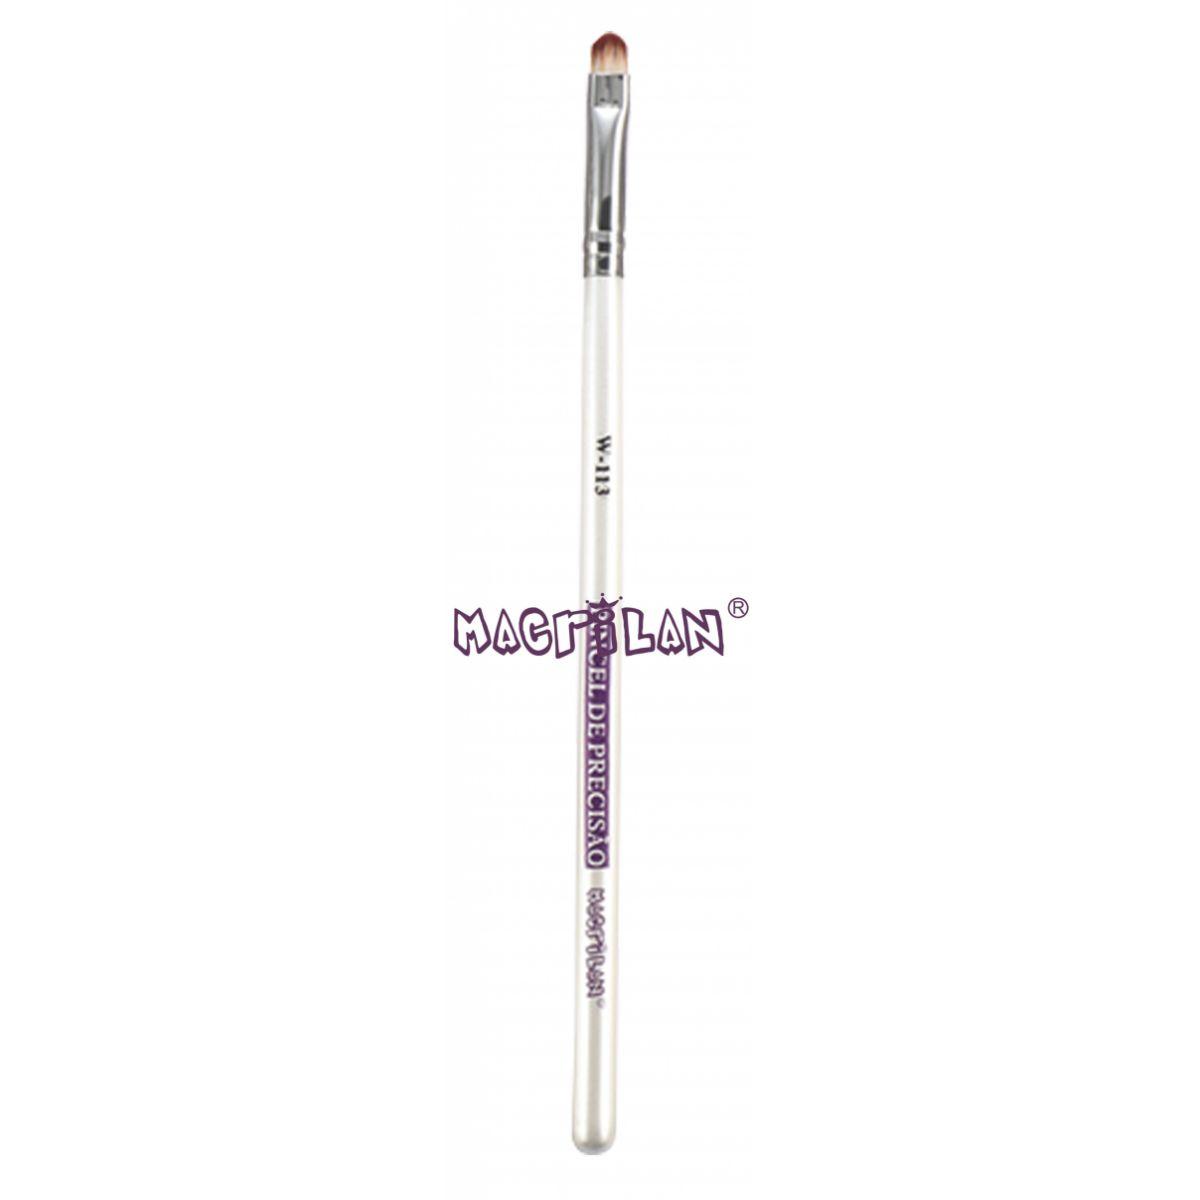 Pincel Macrilan W113 de Precisão para Sombra - Maquiagem Profissional Macrilan W113